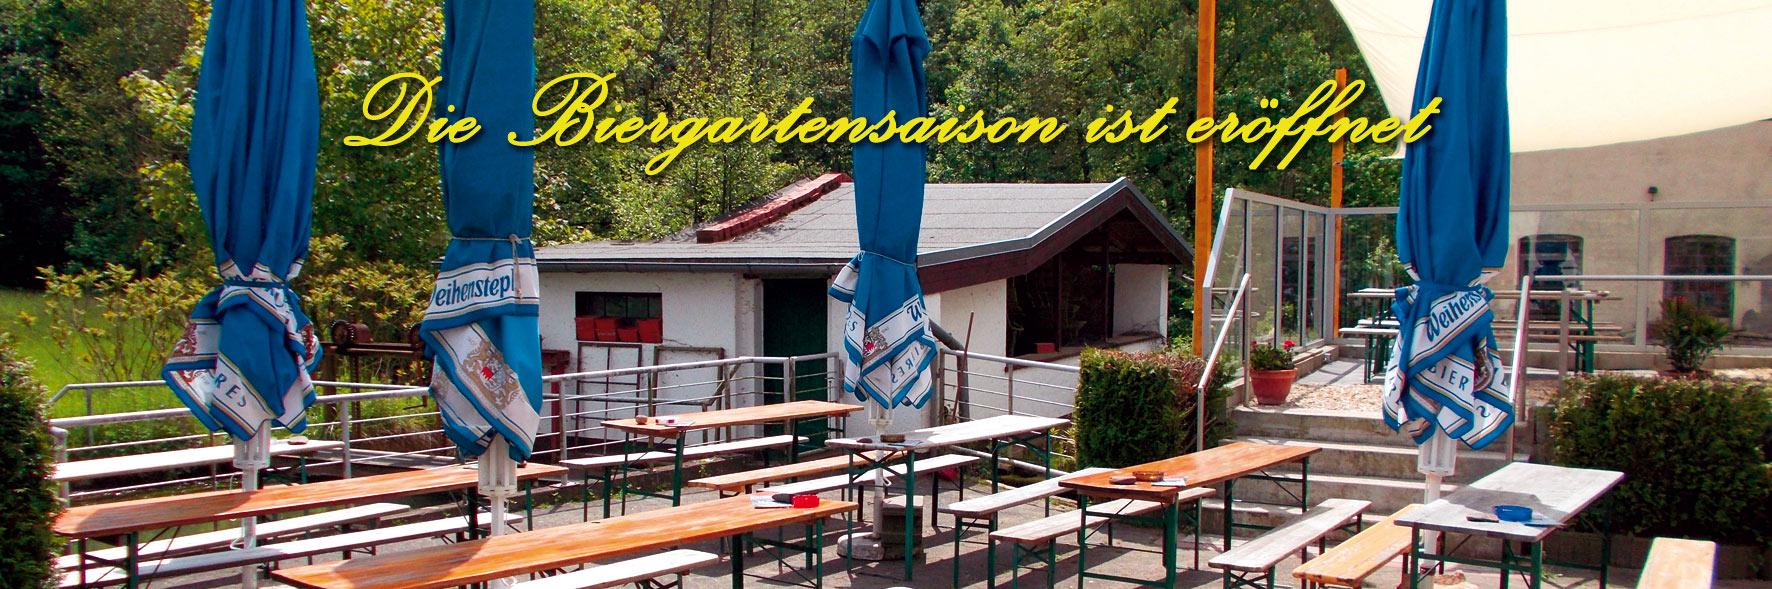 Foto vom Biergarten im Sommer